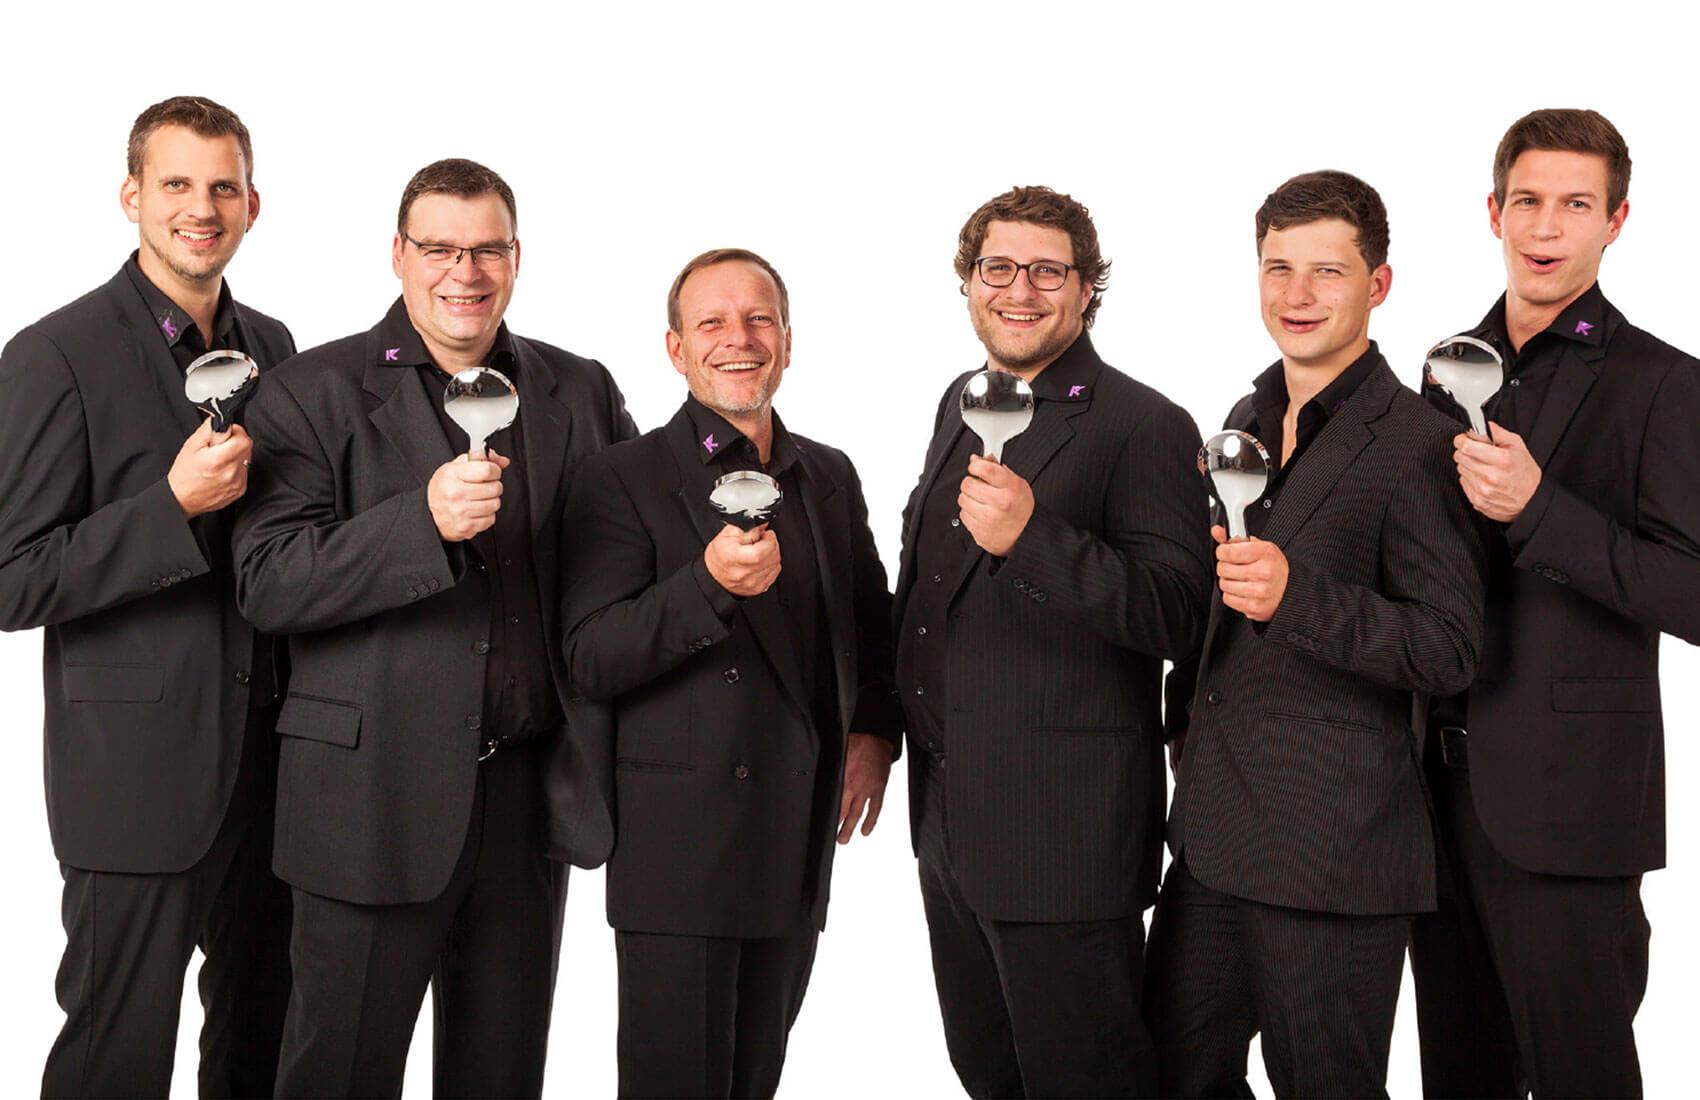 """Teamfoto als Weihnachtsmotiv: alle Herren """"singen"""" mit einem Duschkopf als Mikrophon"""